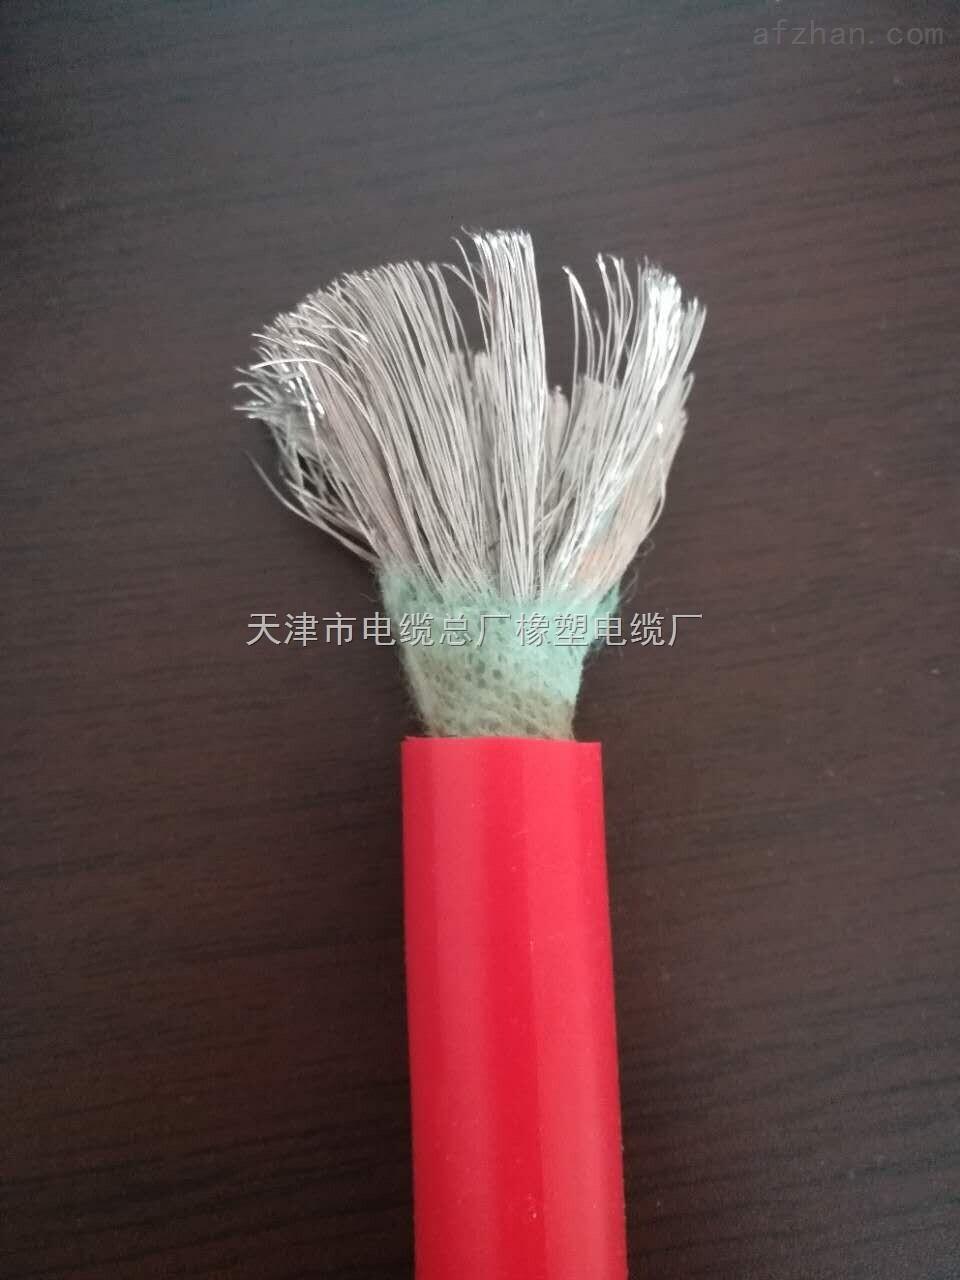 硅胶电缆YGCR-3*4+1*2.5